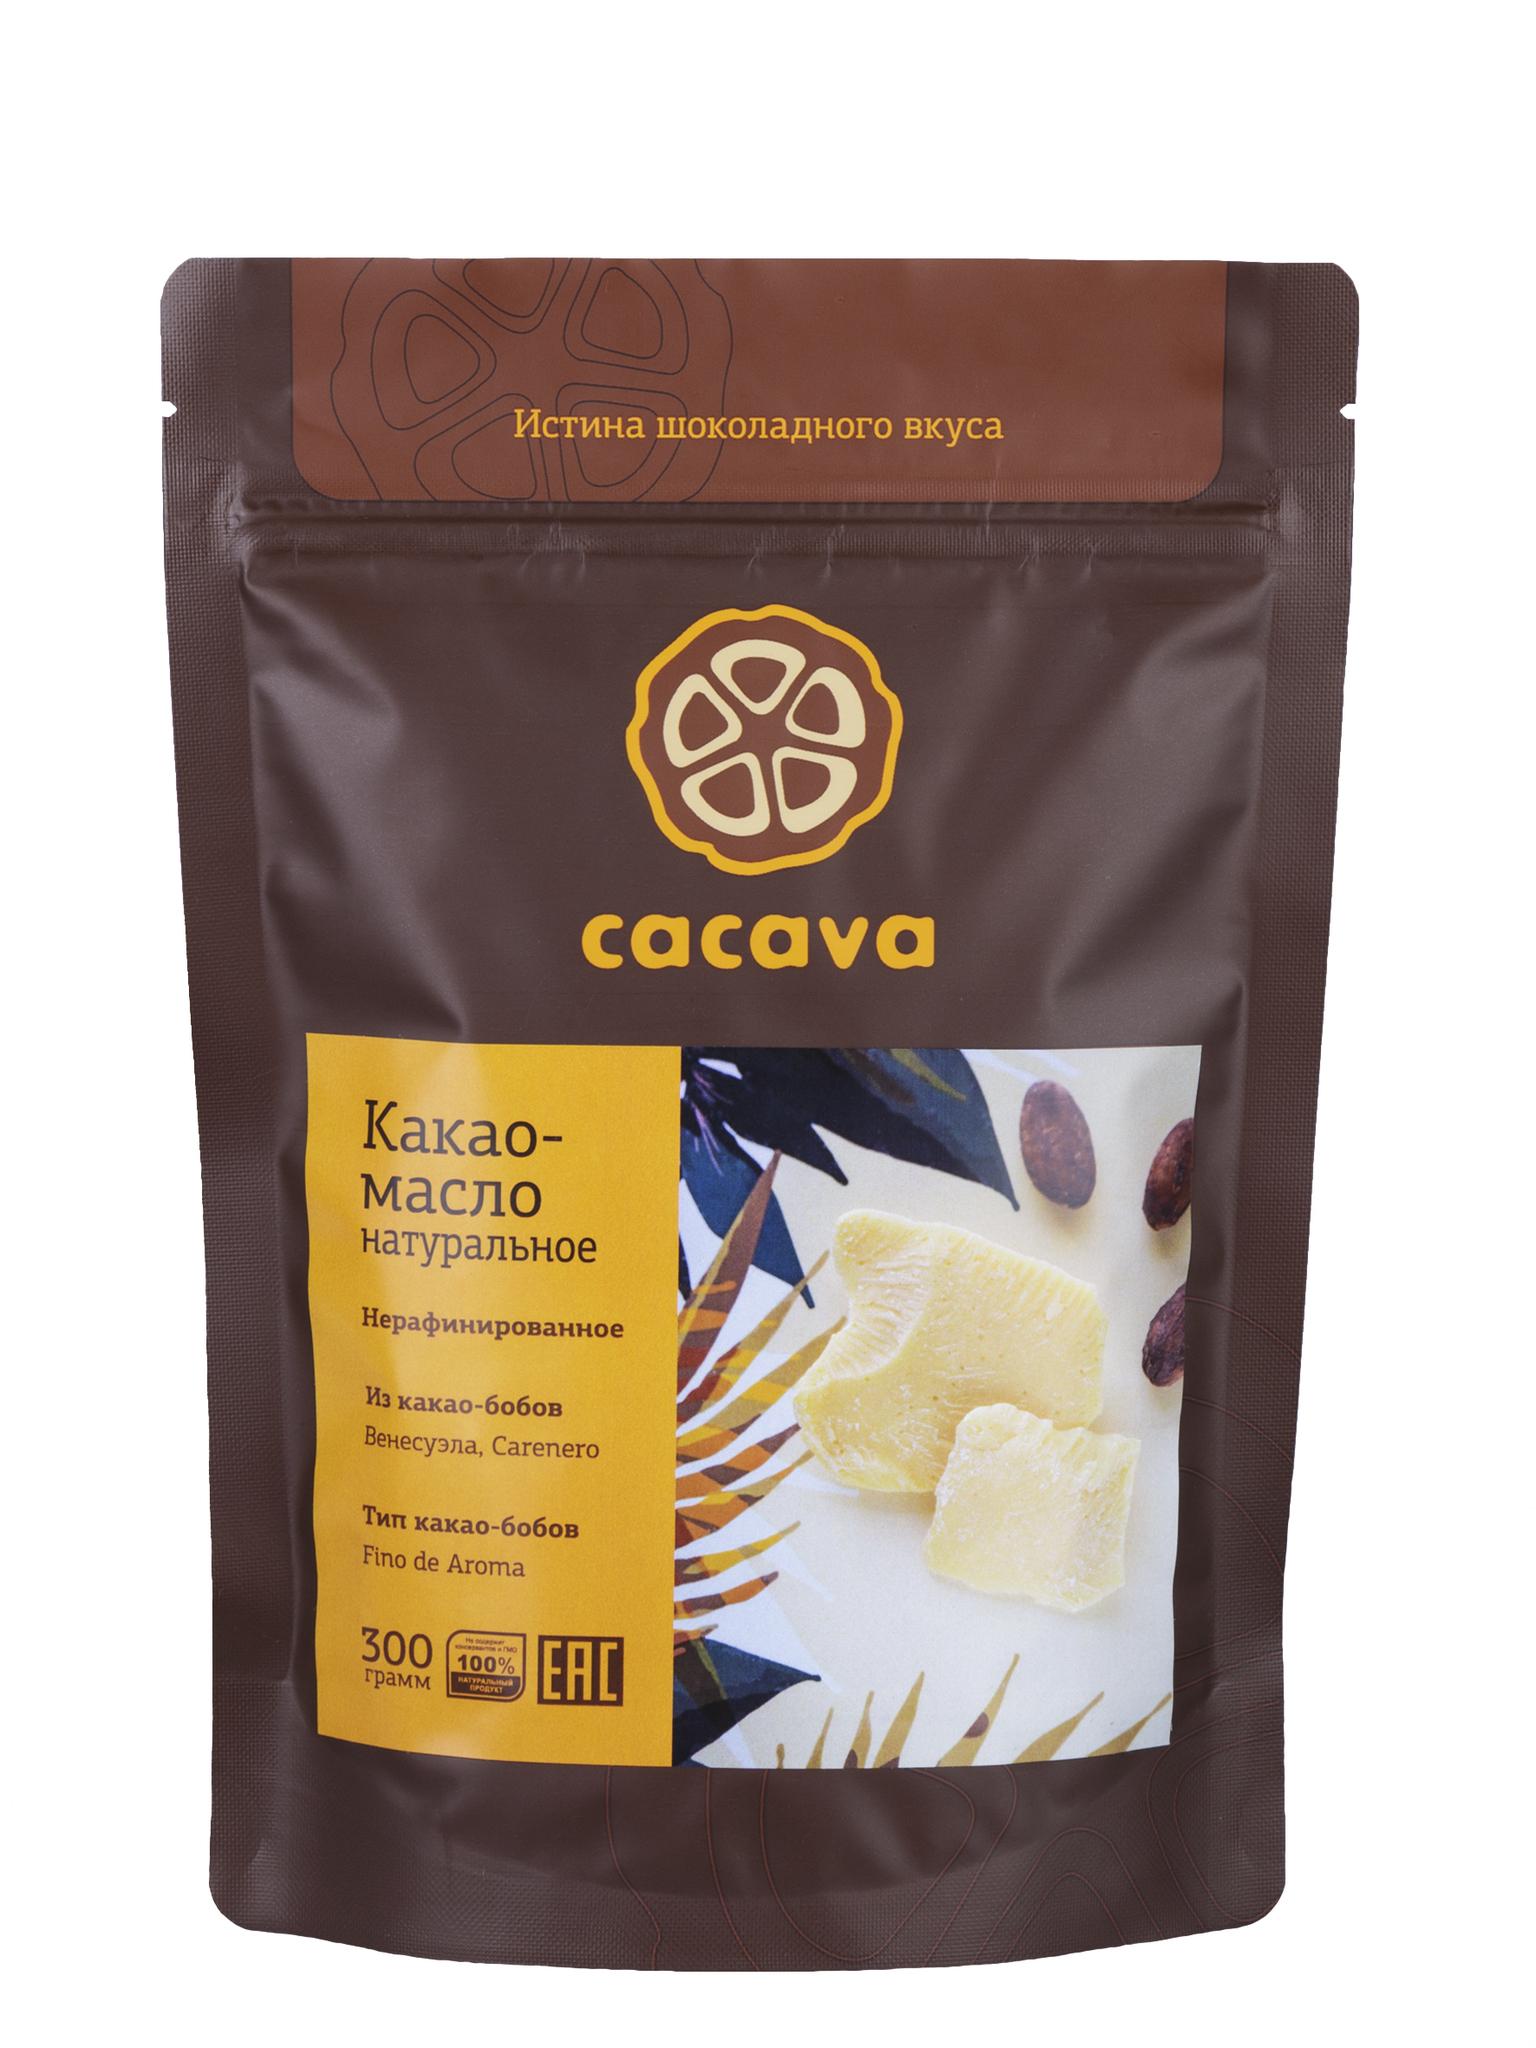 Какао-масло натуральное нерафинированное (Венесуэла), упаковка 300 грамм